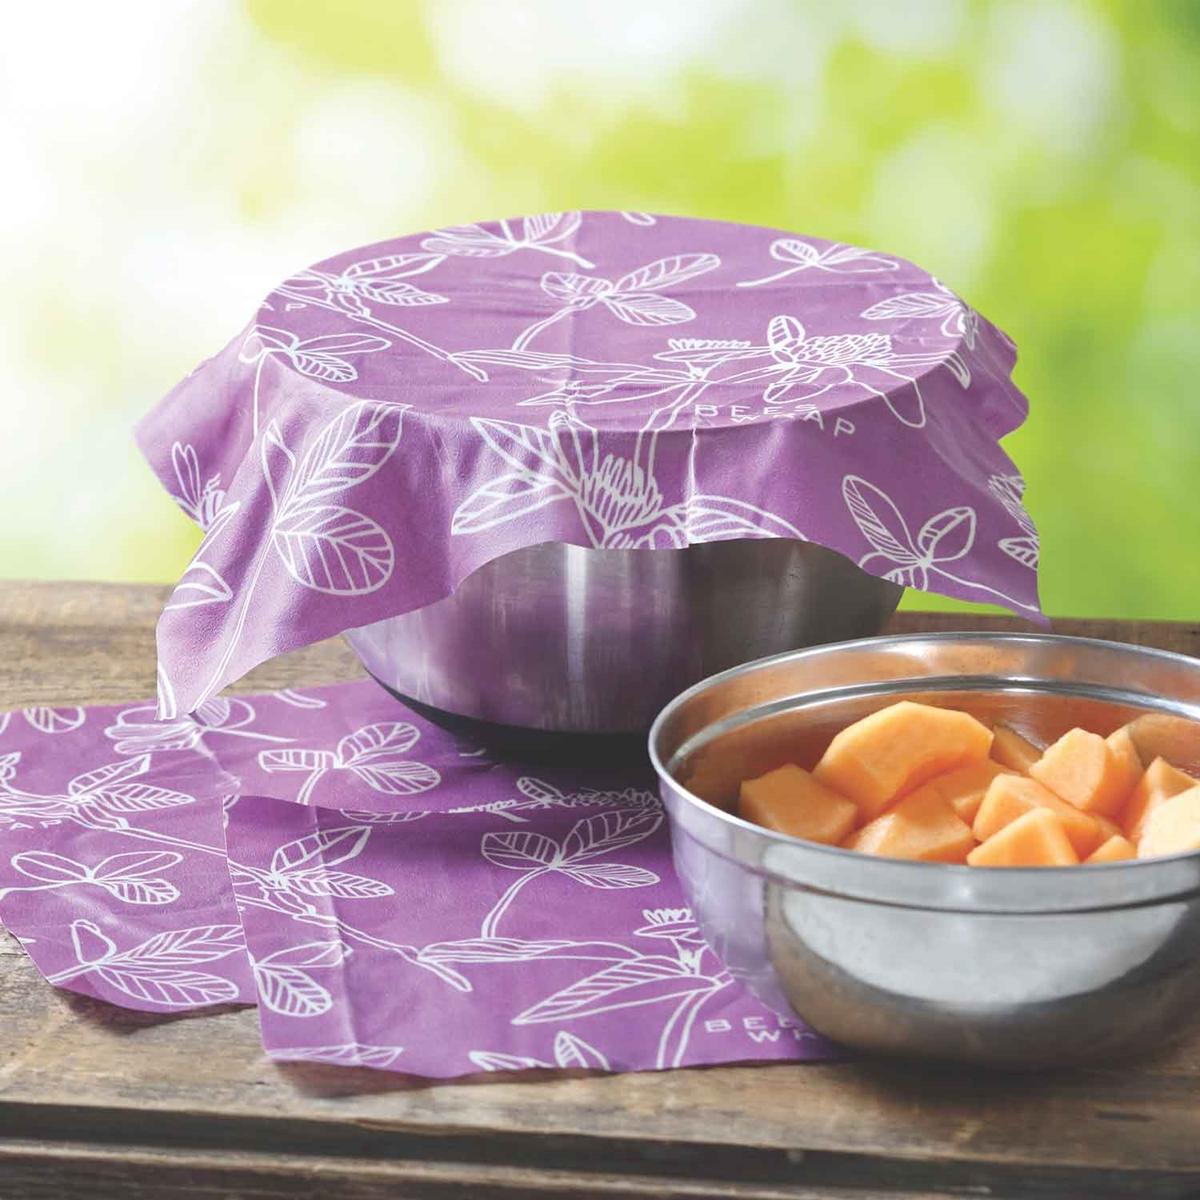 Clover Print Reusable Food Wraps